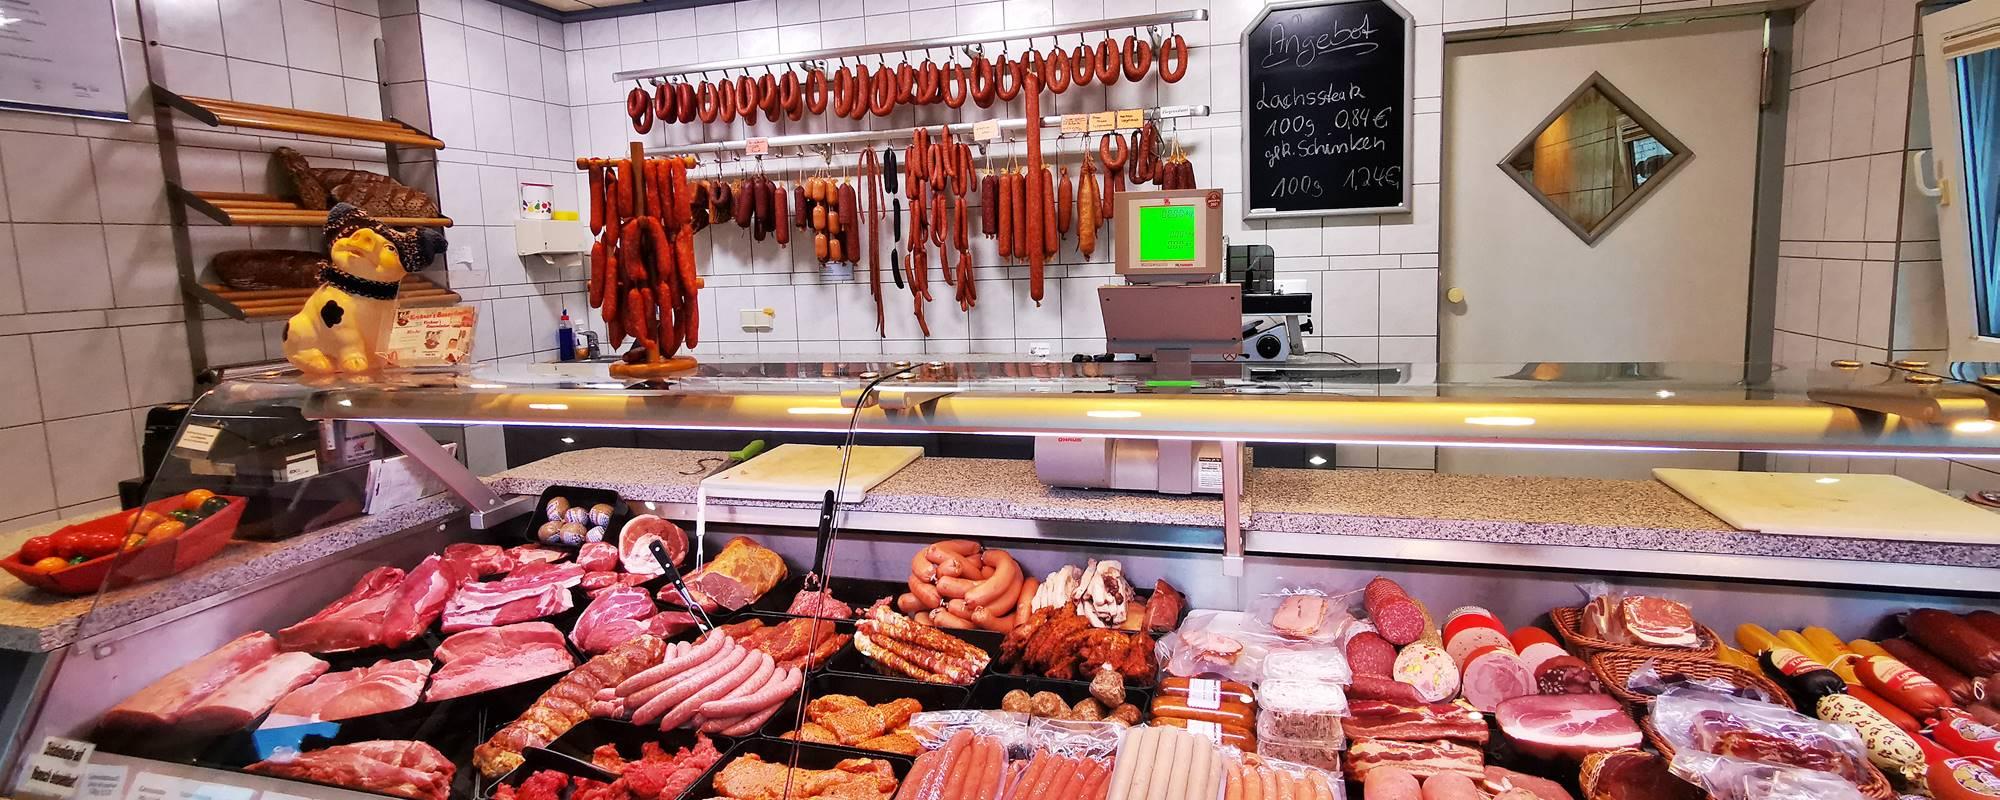 Kirchners Bauernladen